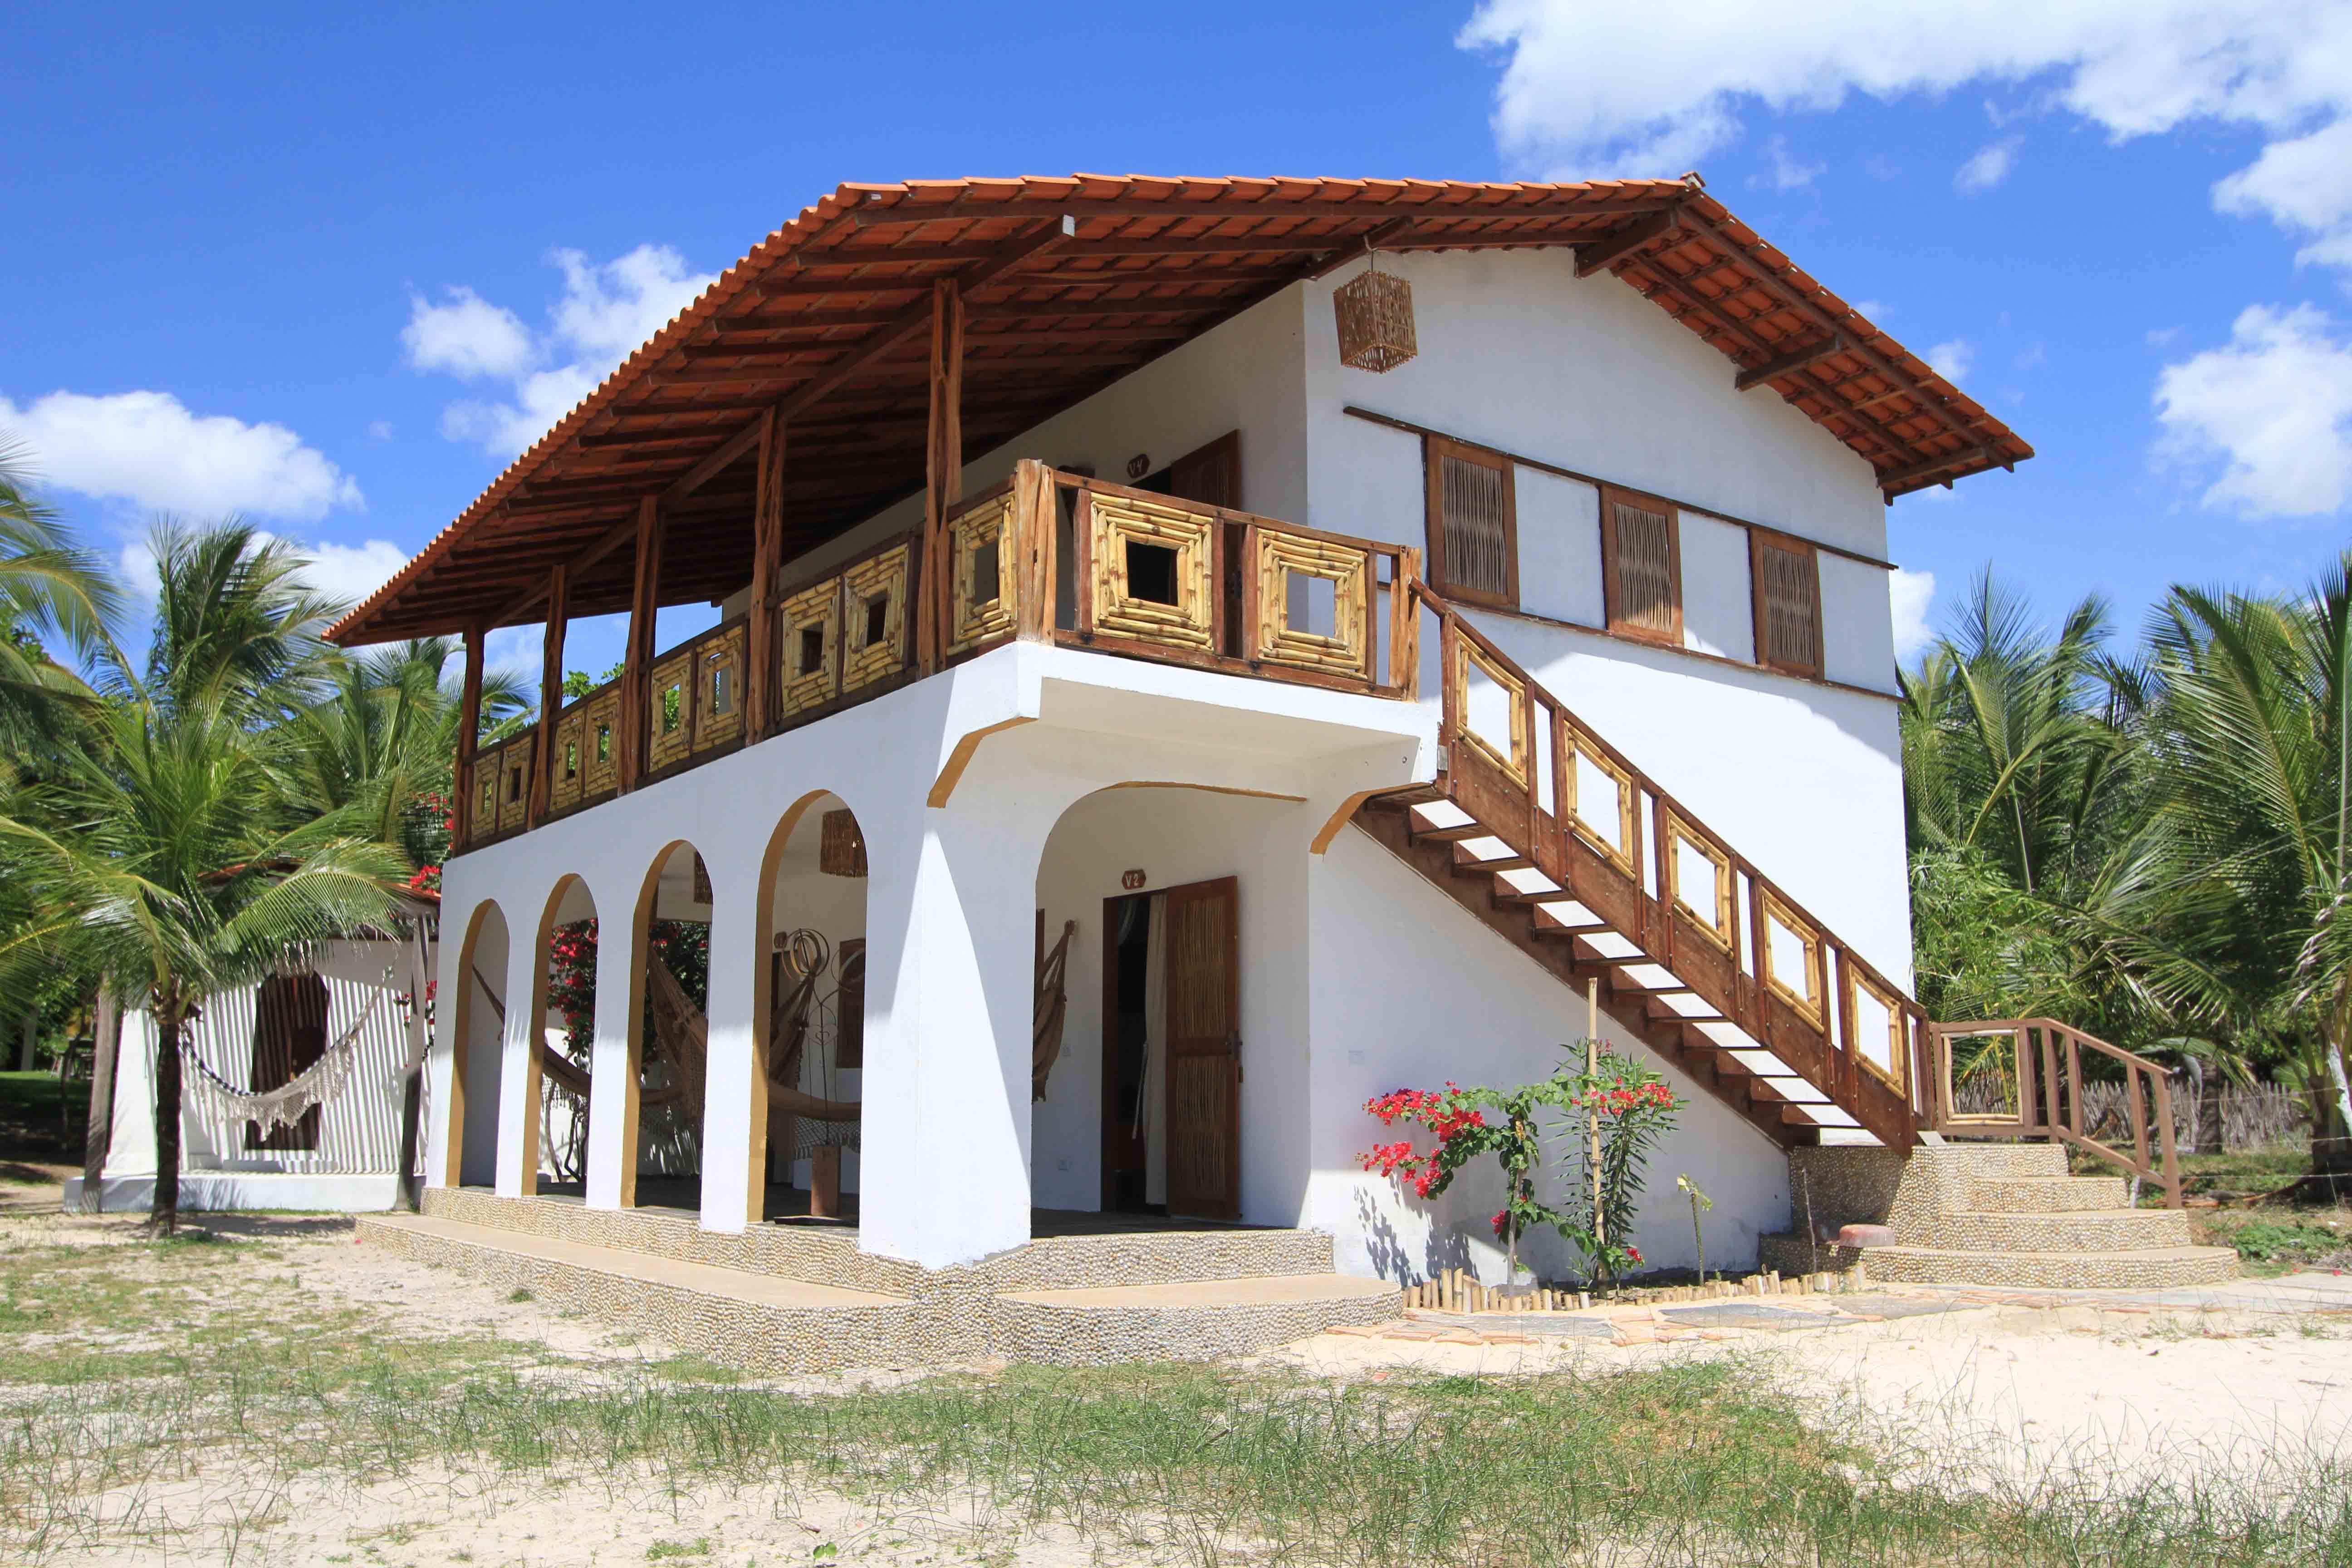 Hoteles y alojamiento en Atins